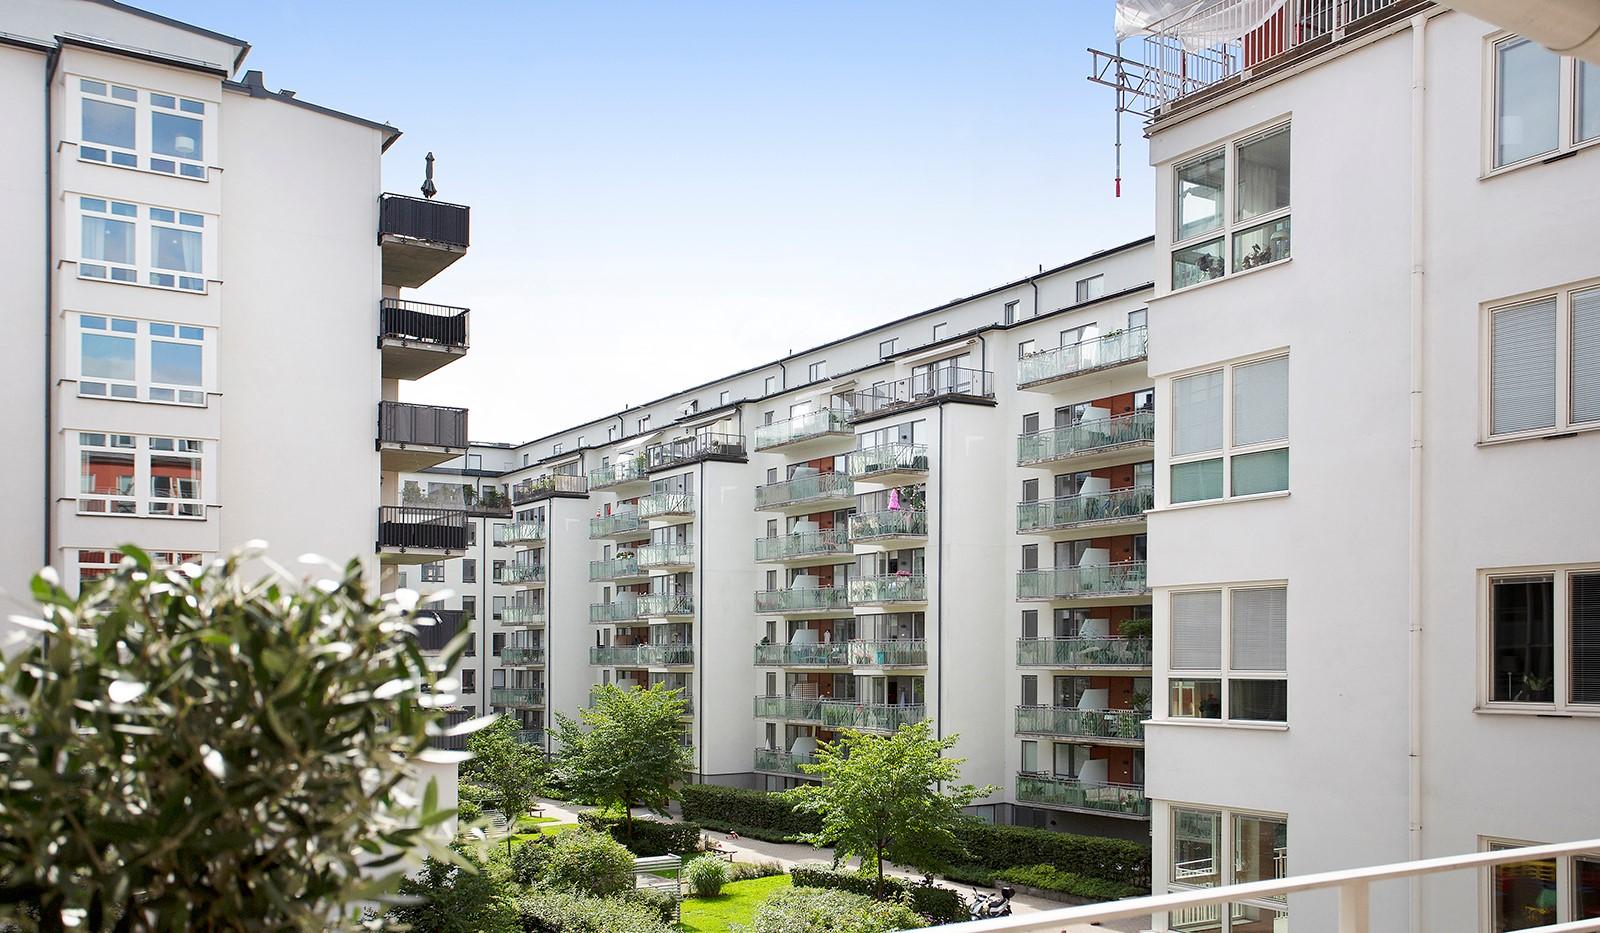 Åsögatan 106 - Utsiktsbild från balkongen.